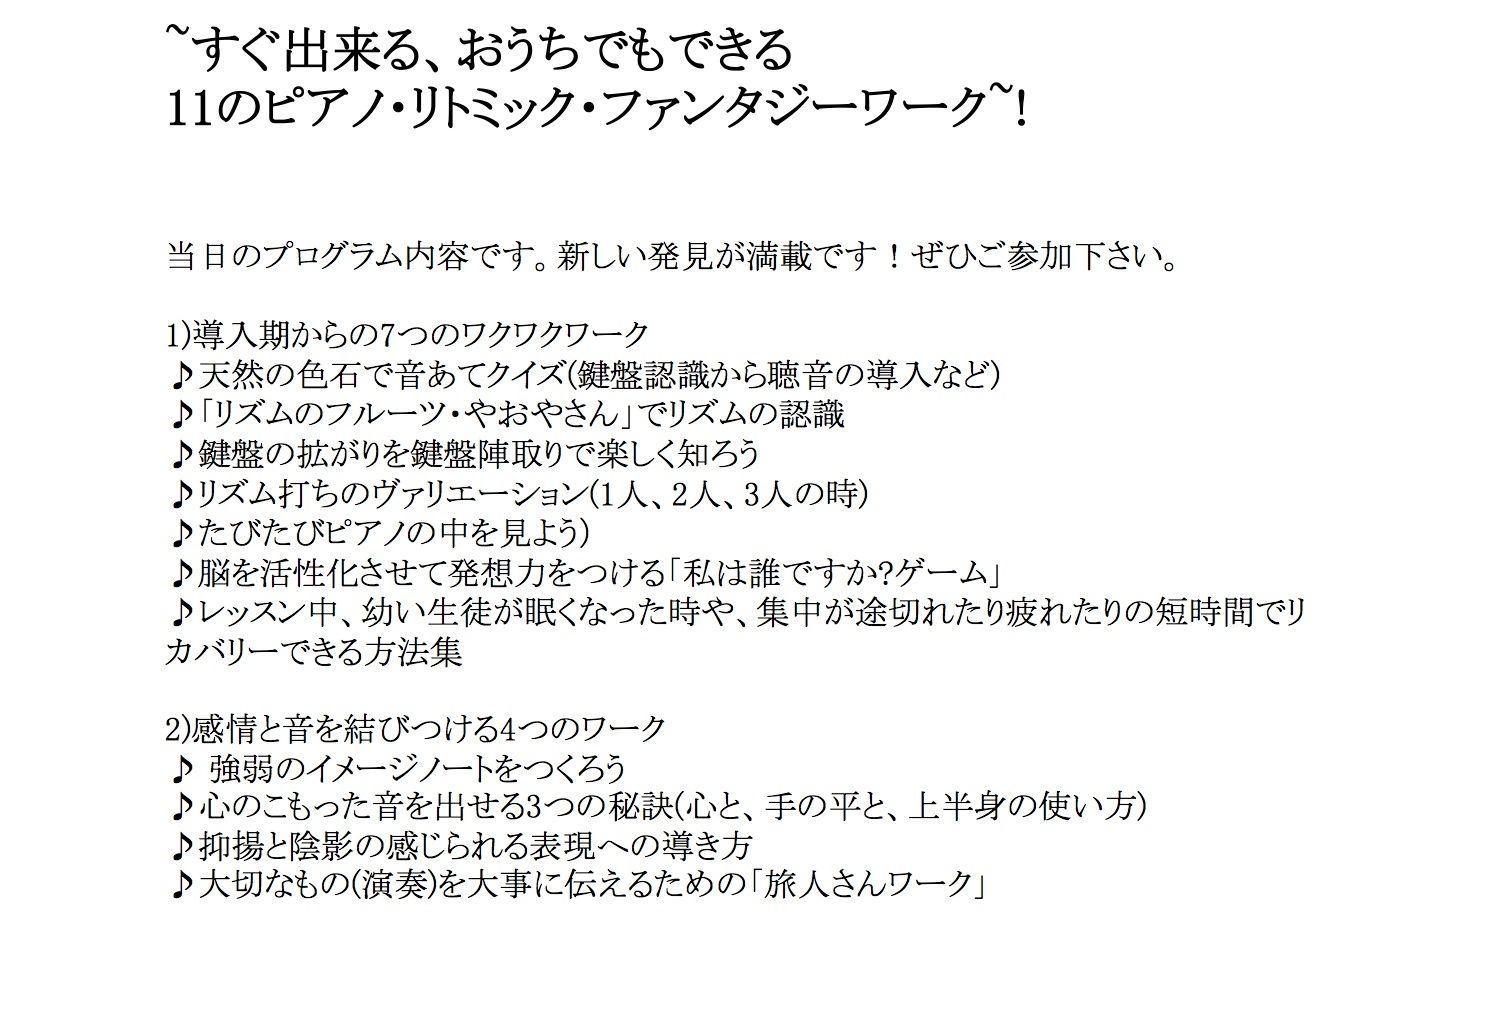 10月15日公開セミナーチラシ3